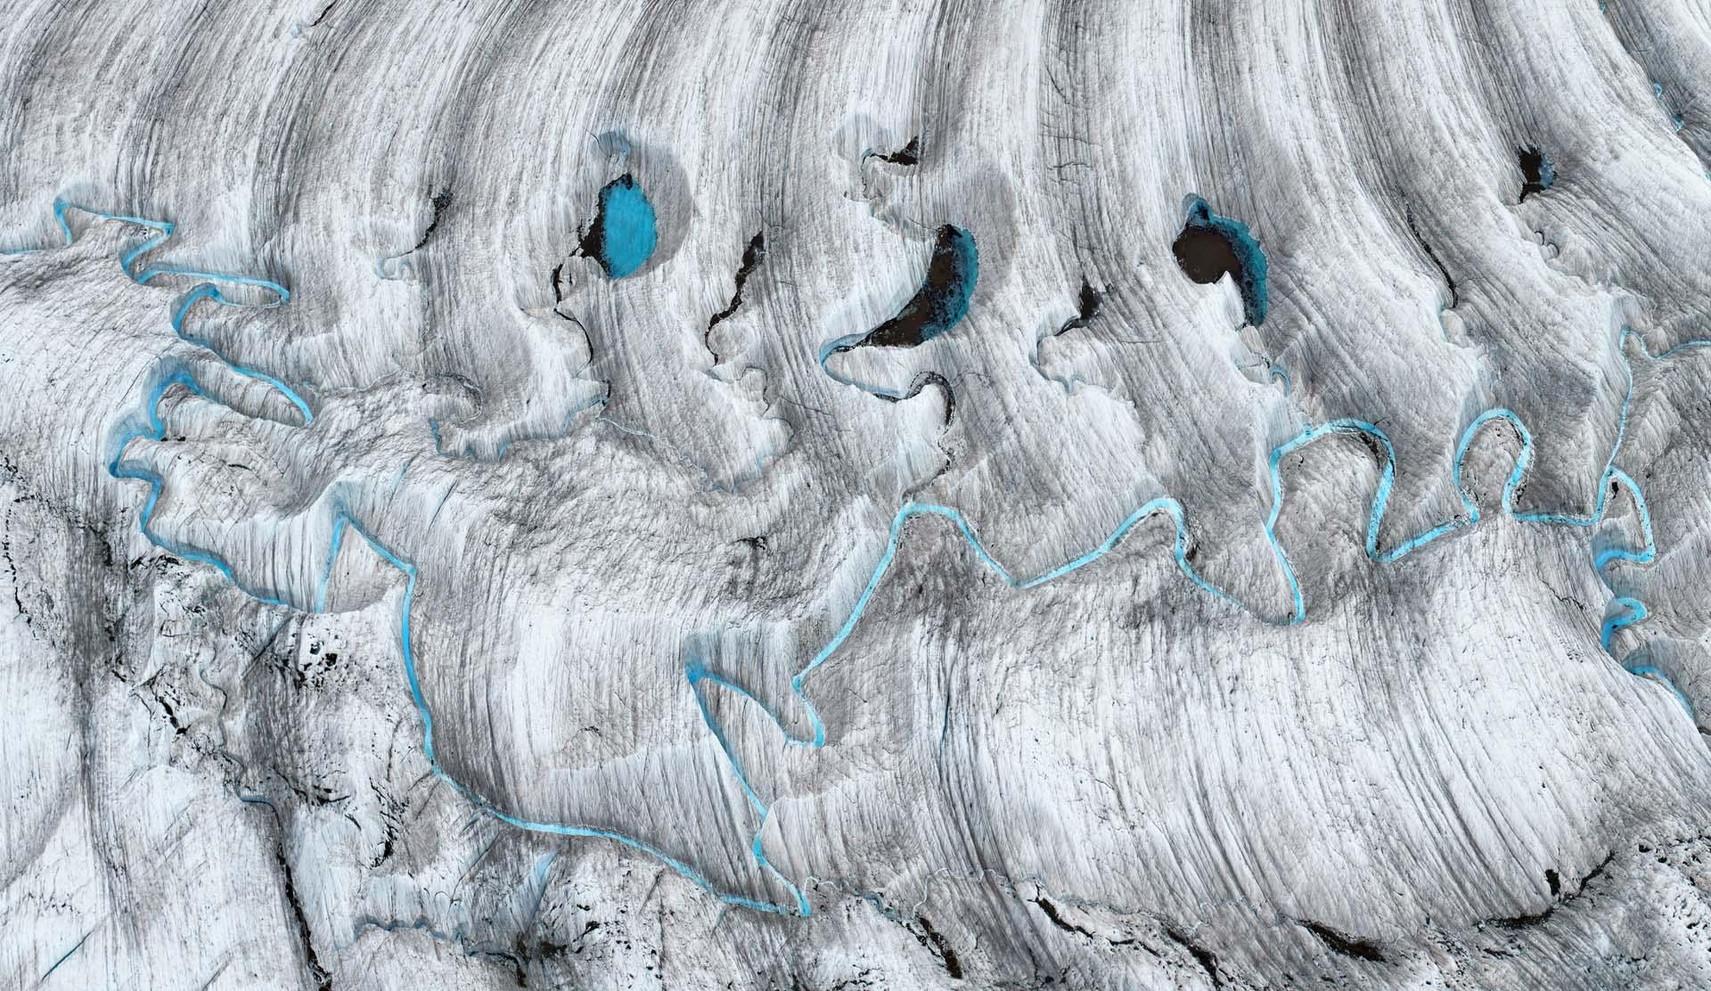 wrangel_np_ice_rivers_0344-350_20111005_